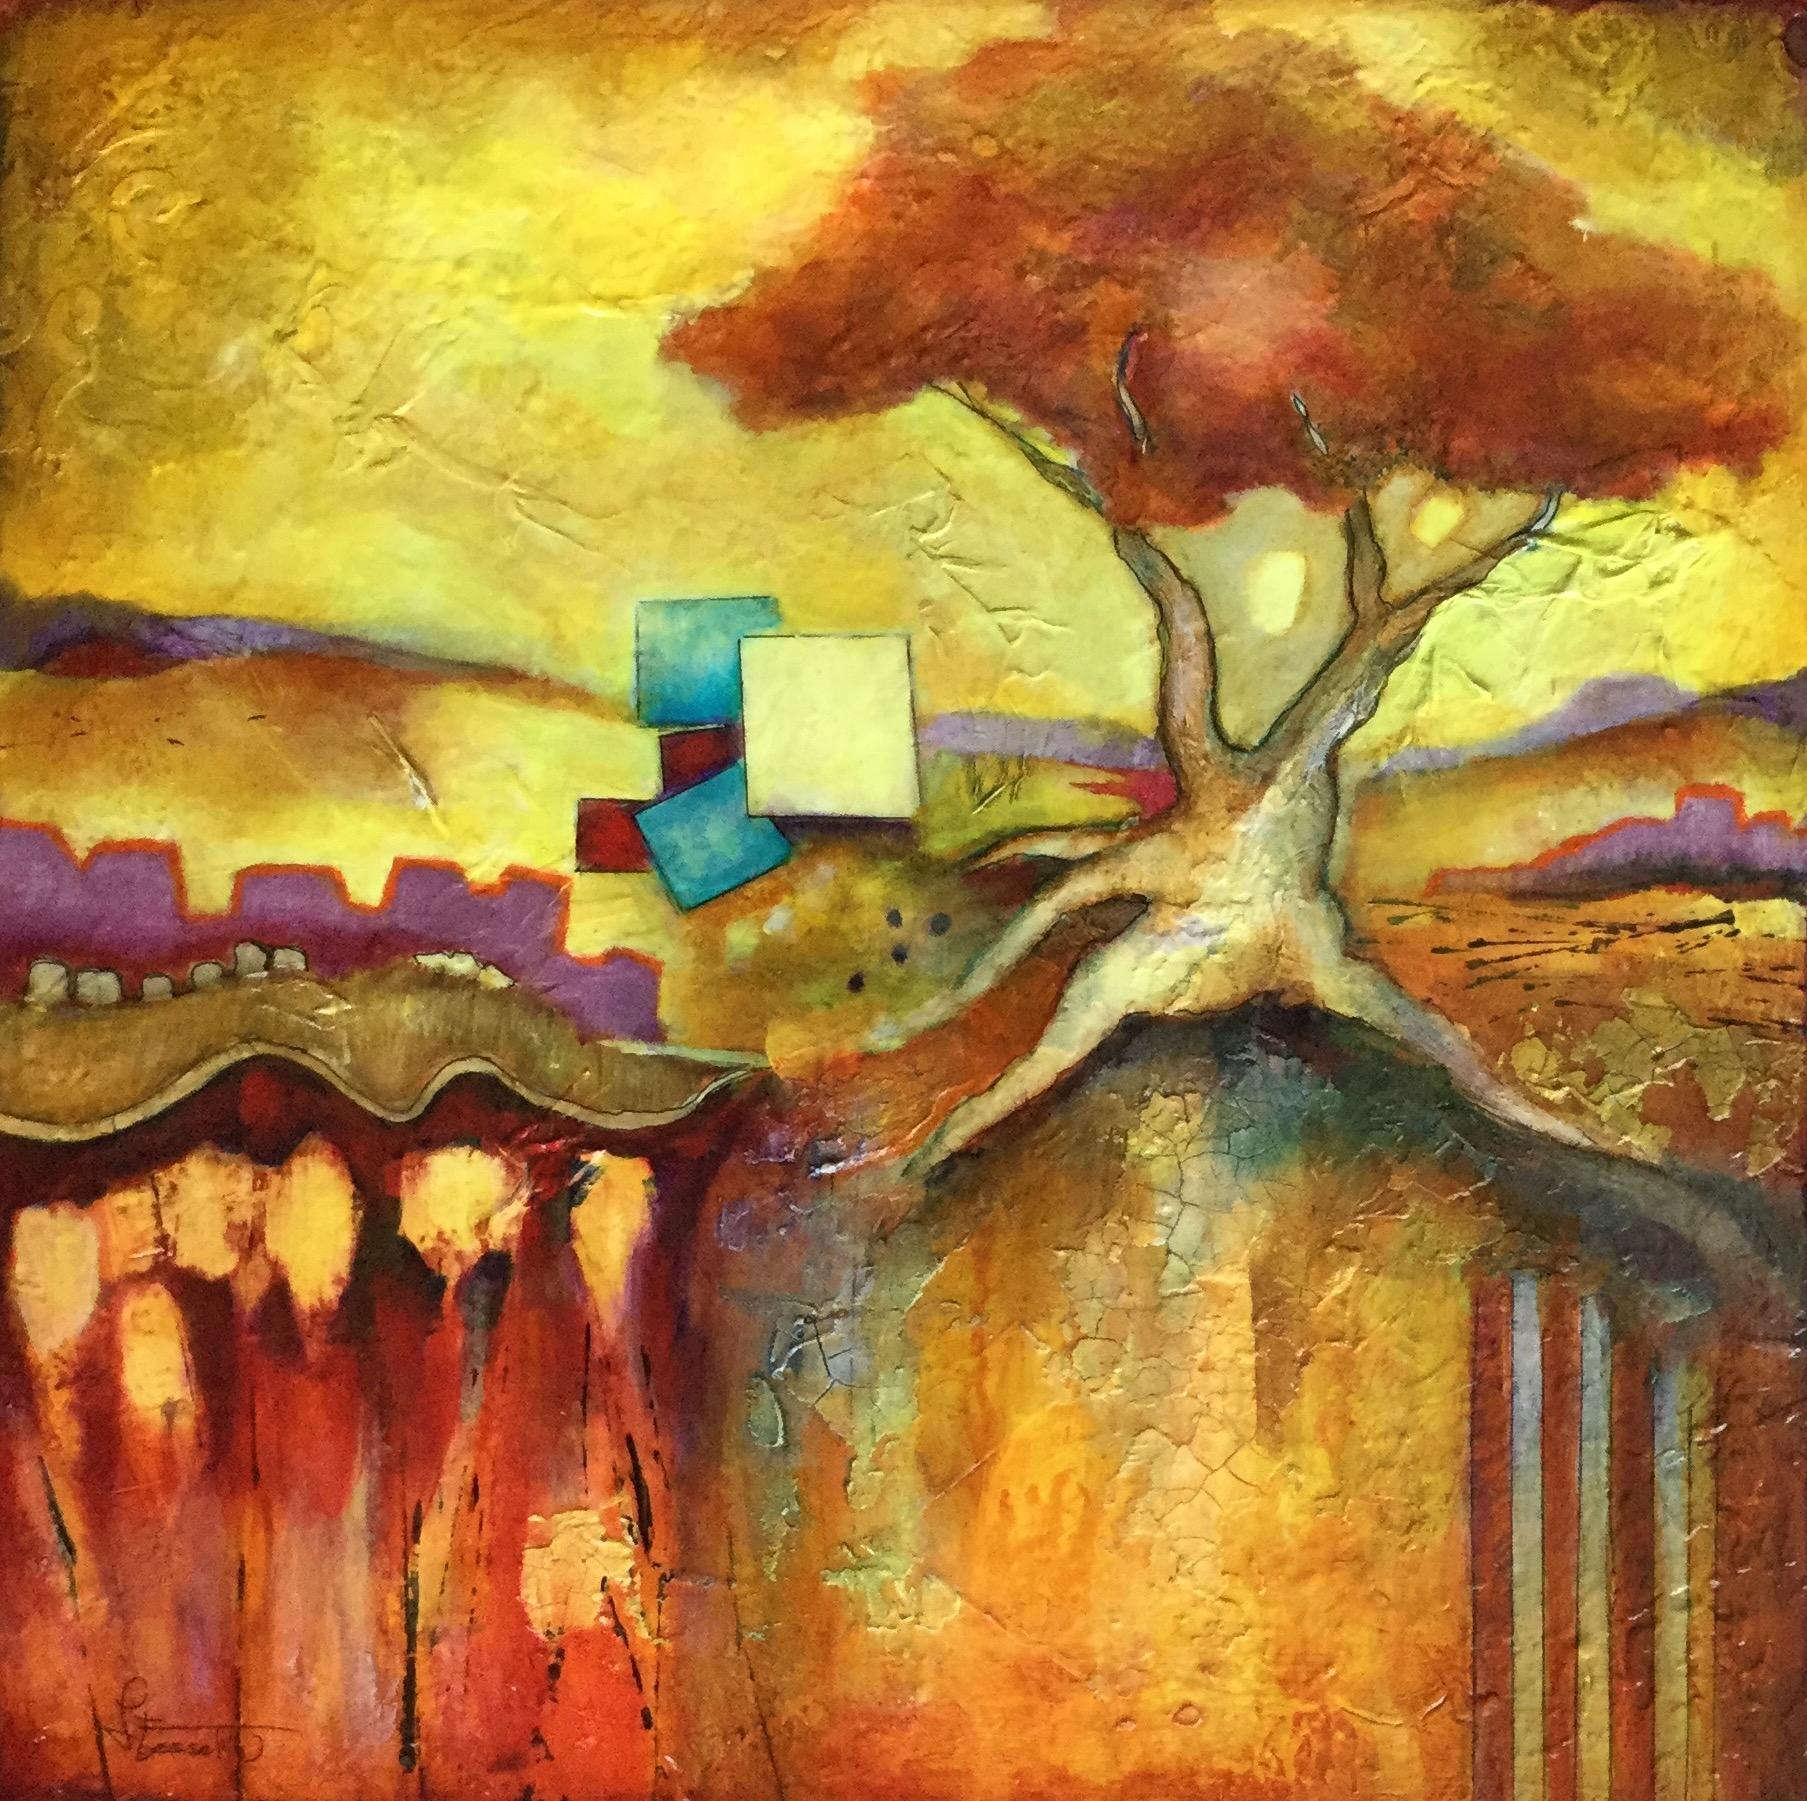 Entre l'écorce et l'arbre